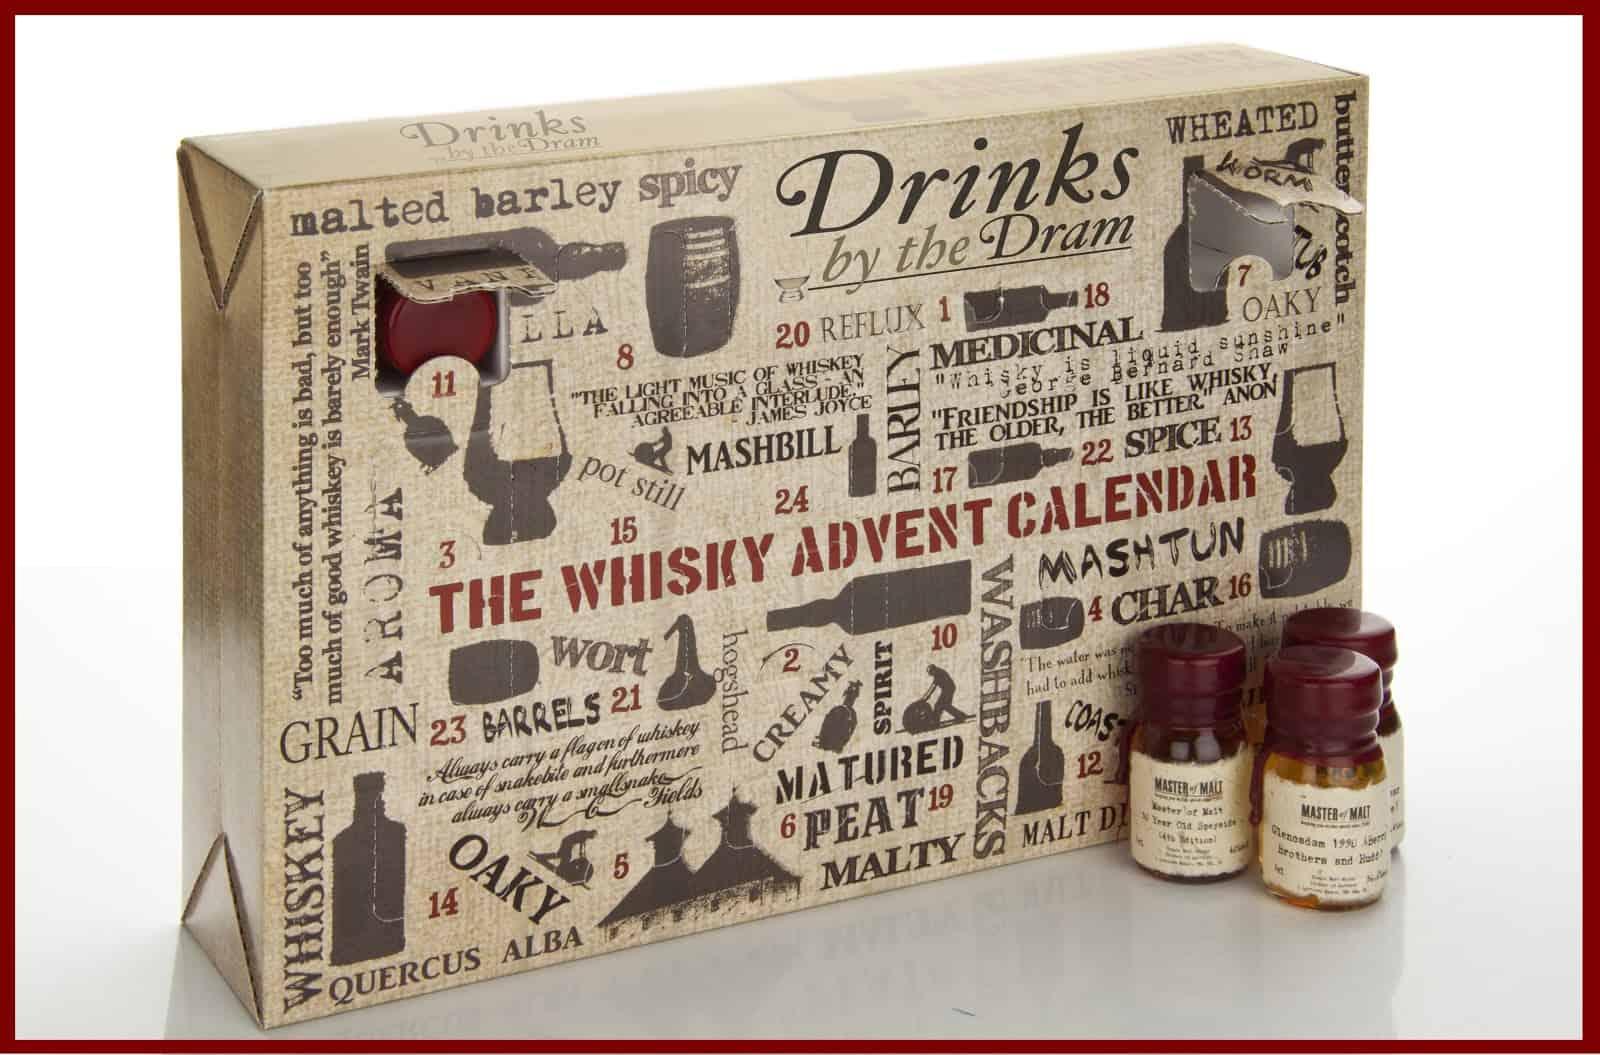 Je libo kalendář s whisky?